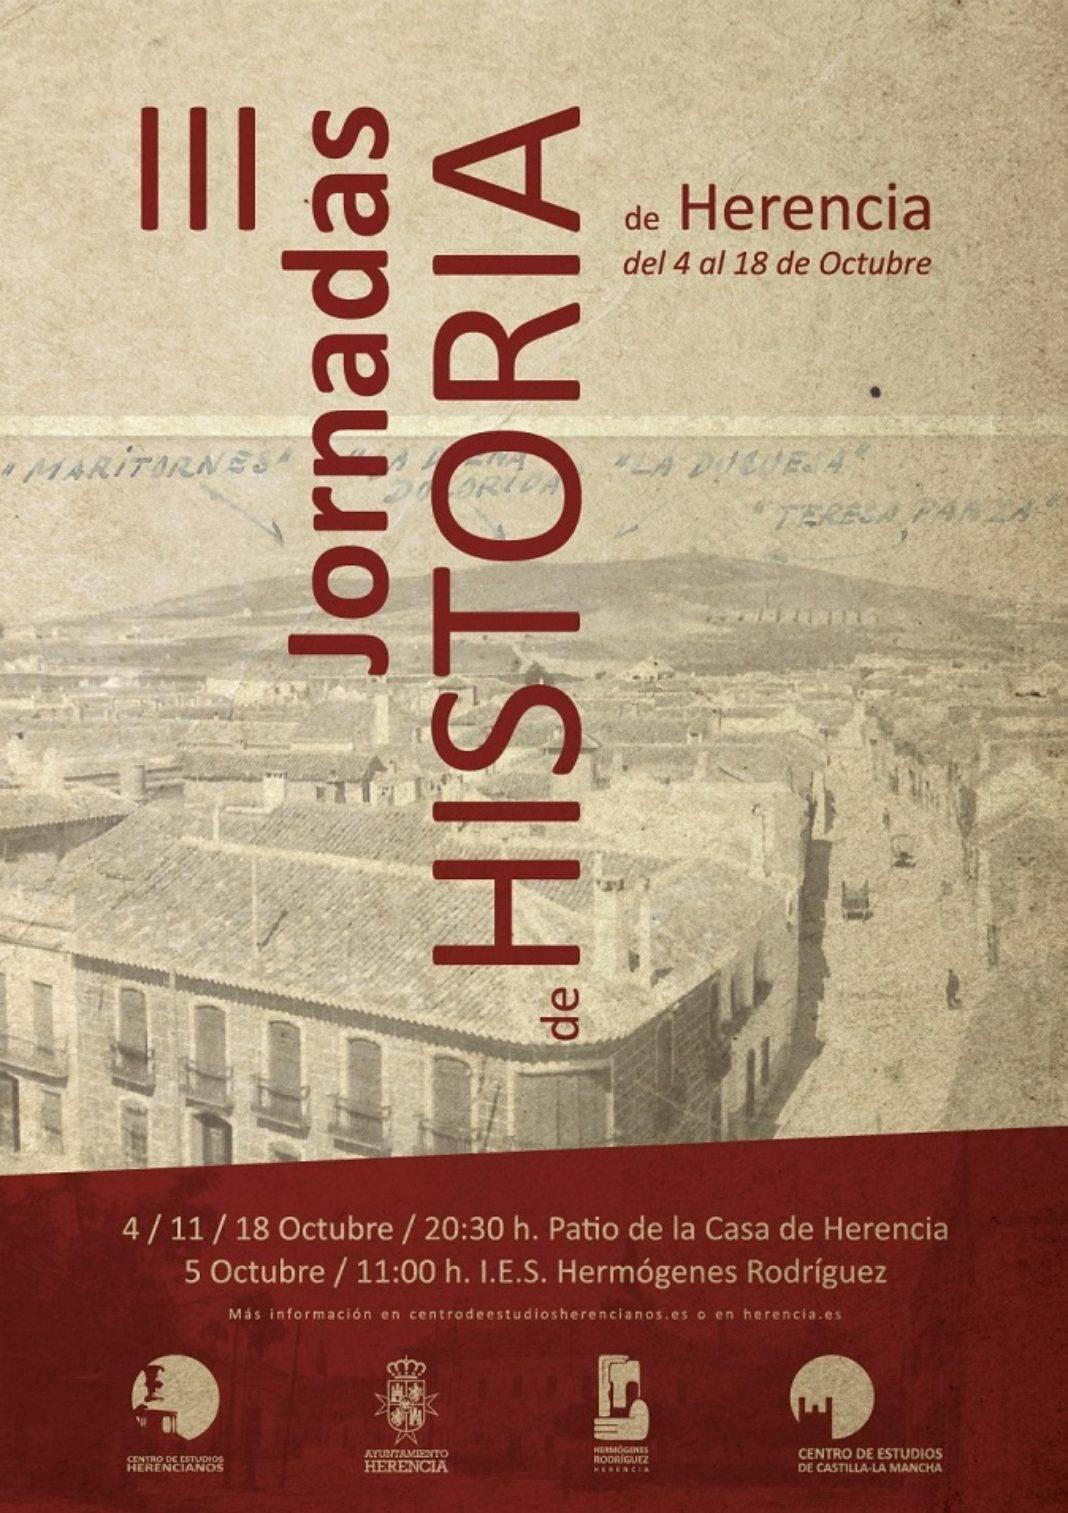 Durante octubre se celebrarán las III Jornadas de Historia de Herencia 4